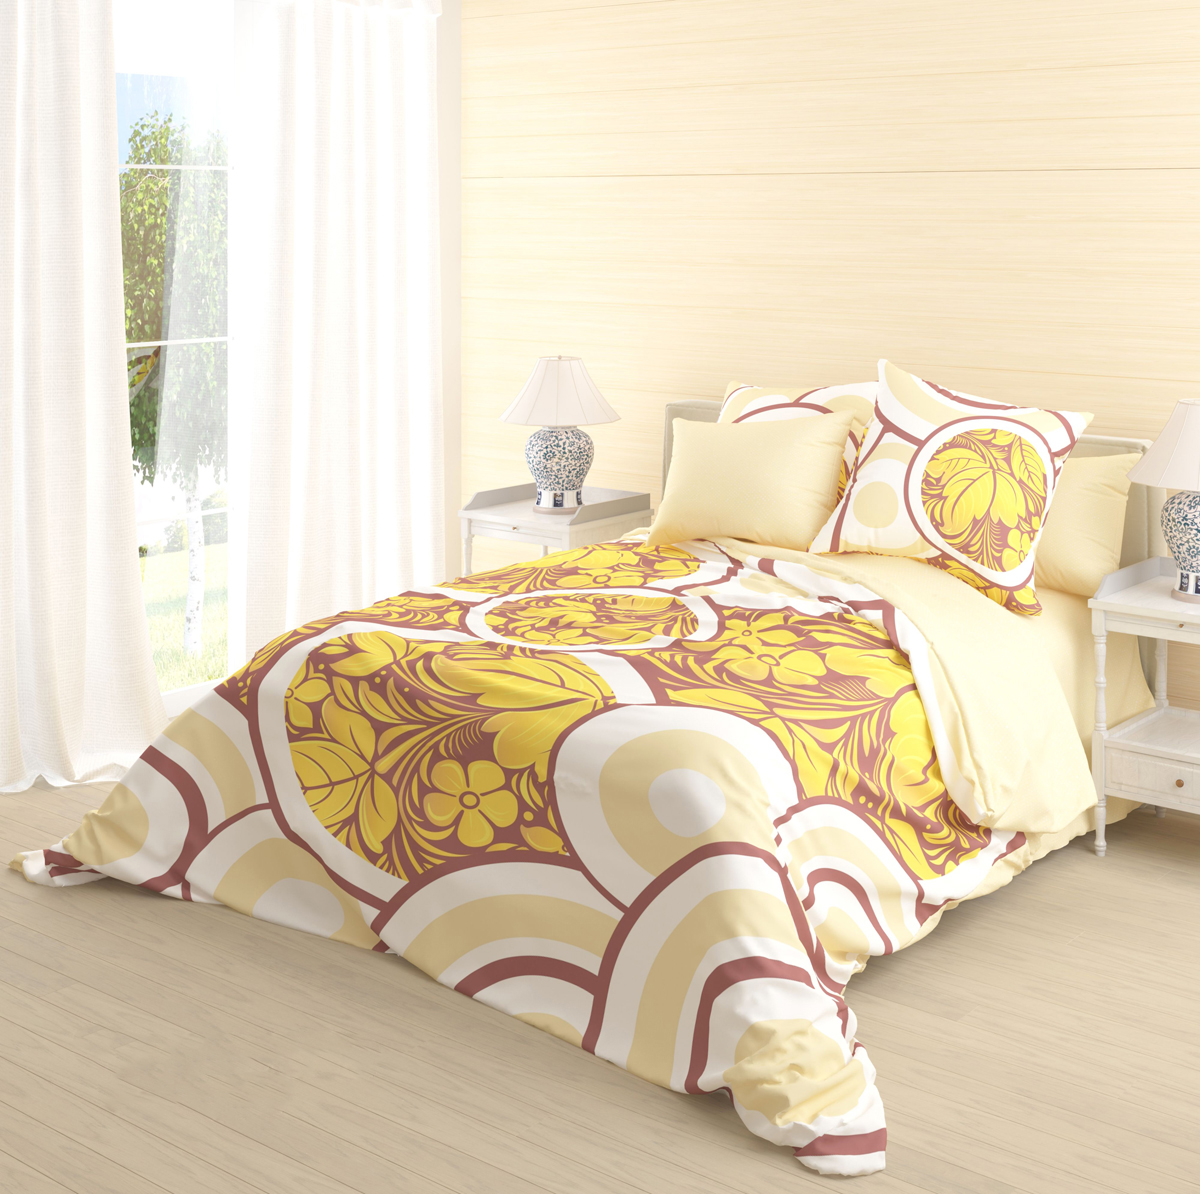 """Роскошный комплект постельного белья Волшебная ночь """"Kupava"""" выполнен из натурального ранфорса (100% хлопка) и оформлен оригинальным рисунком. Комплект состоит из пододеяльника, простыни и двух наволочек. Ранфорс - это новая современная гипоаллергенная ткань из натуральных хлопковых волокон, которая прекрасно впитывает влагу, очень проста в уходе, а за счет высокой прочности способна выдерживать большое количество стирок. Высочайшее качество материала гарантирует безопасность."""